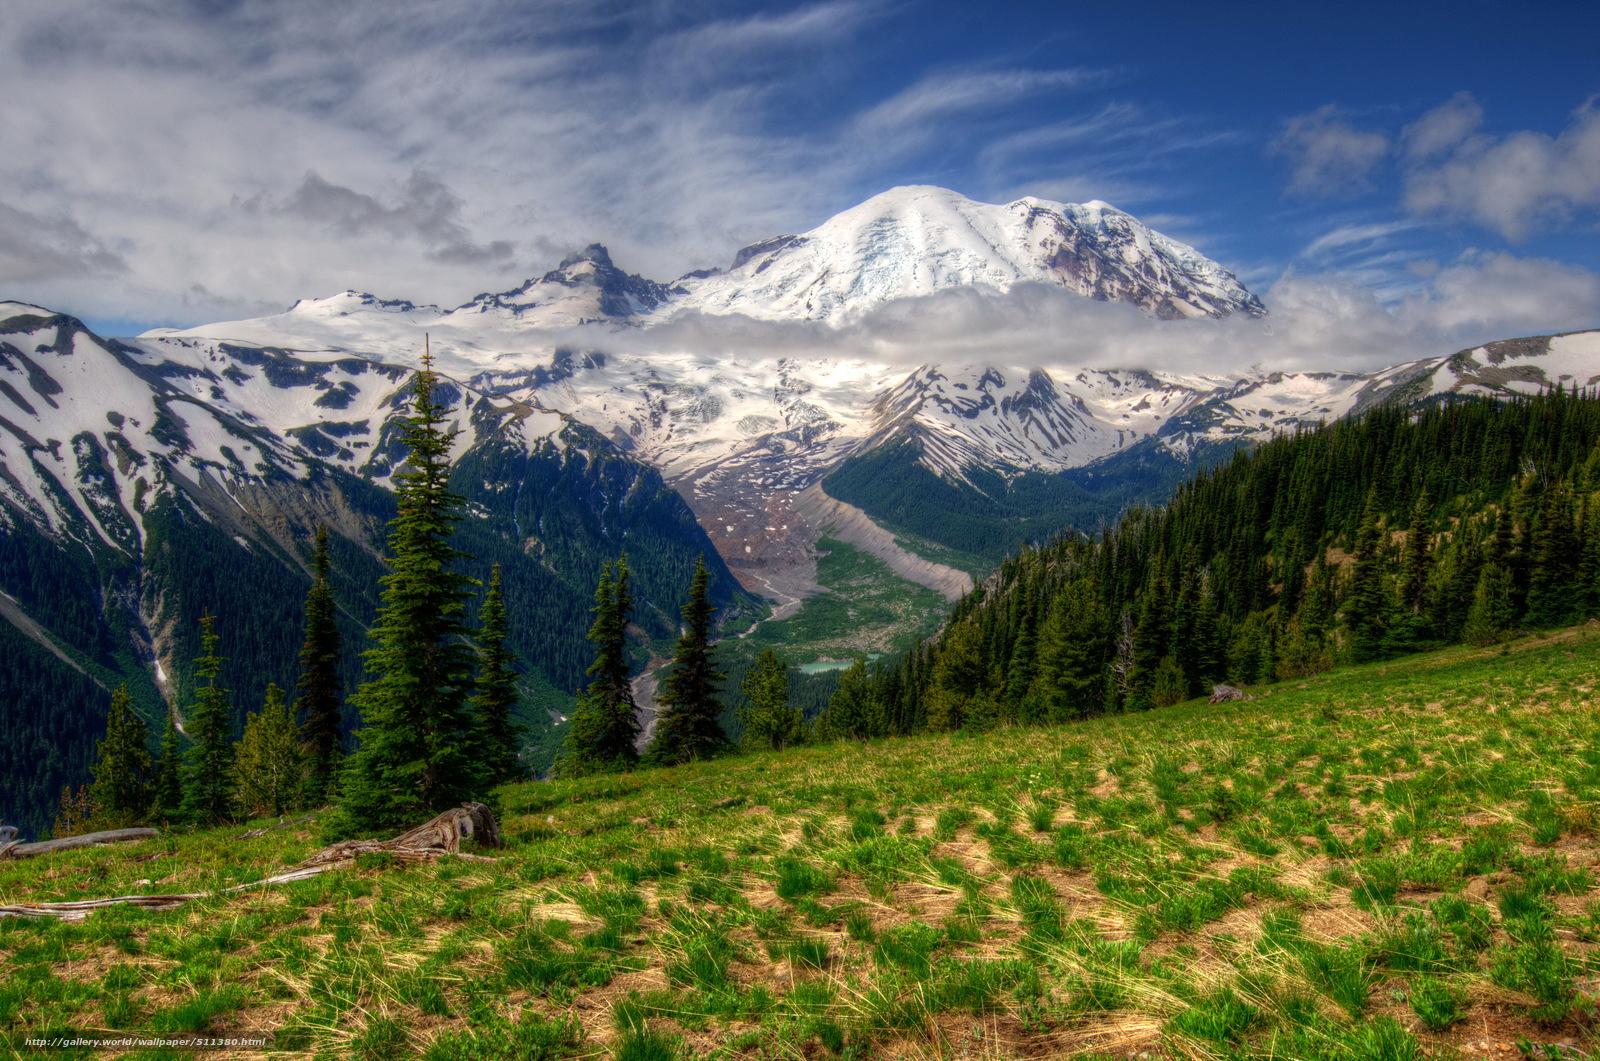 Mount Rainier Lovely Meadow 1600x1061